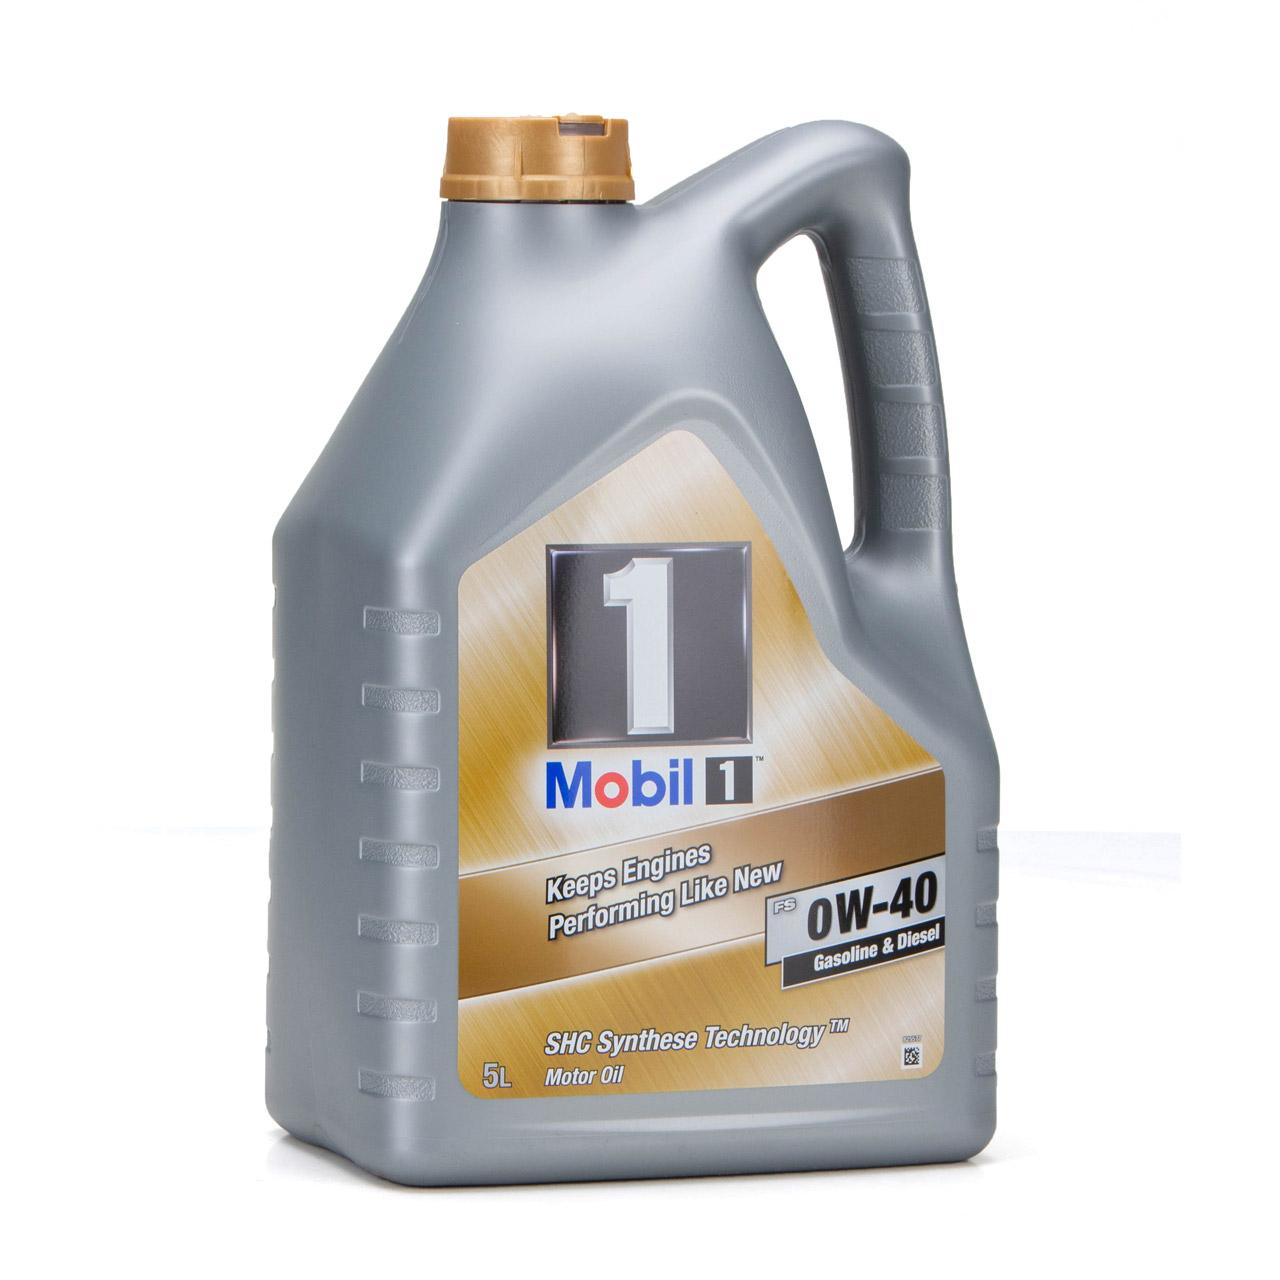 Mobil 1 FS Motoröl Öl 0W-40 0W40 MB PORSCHE A40 VW 502.00 505.00 - 10L 10 Liter